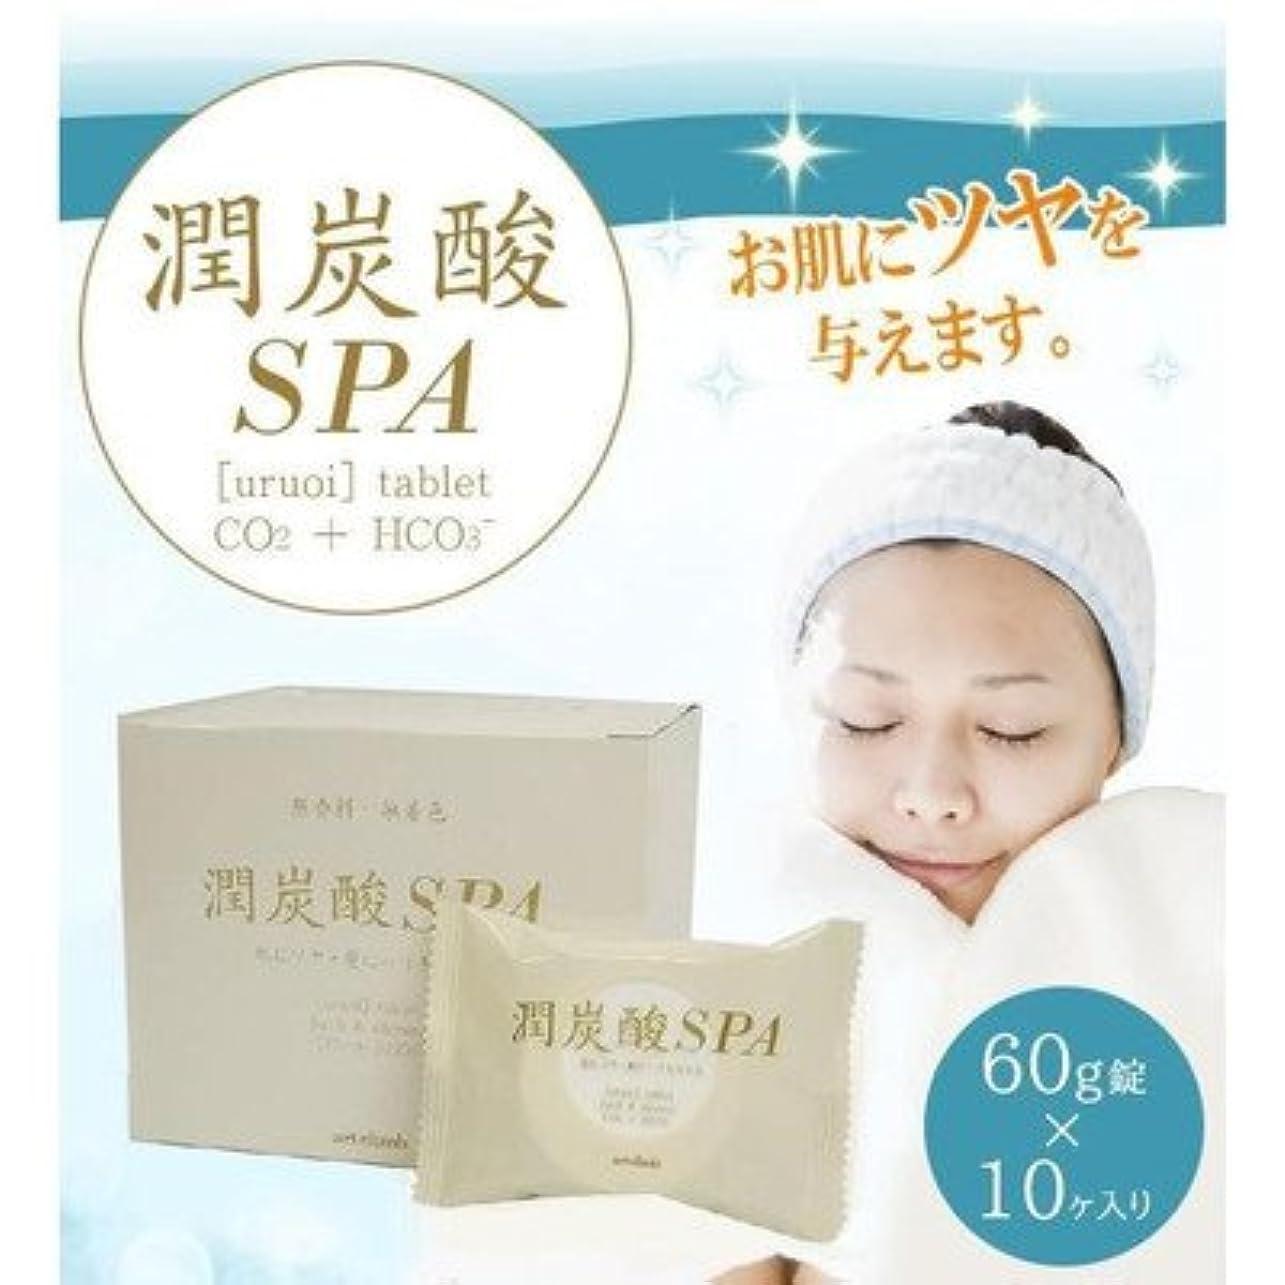 極小ハイランド条件付き潤炭酸SPA BS 60g錠×10ヶ入り (浴用化粧料)